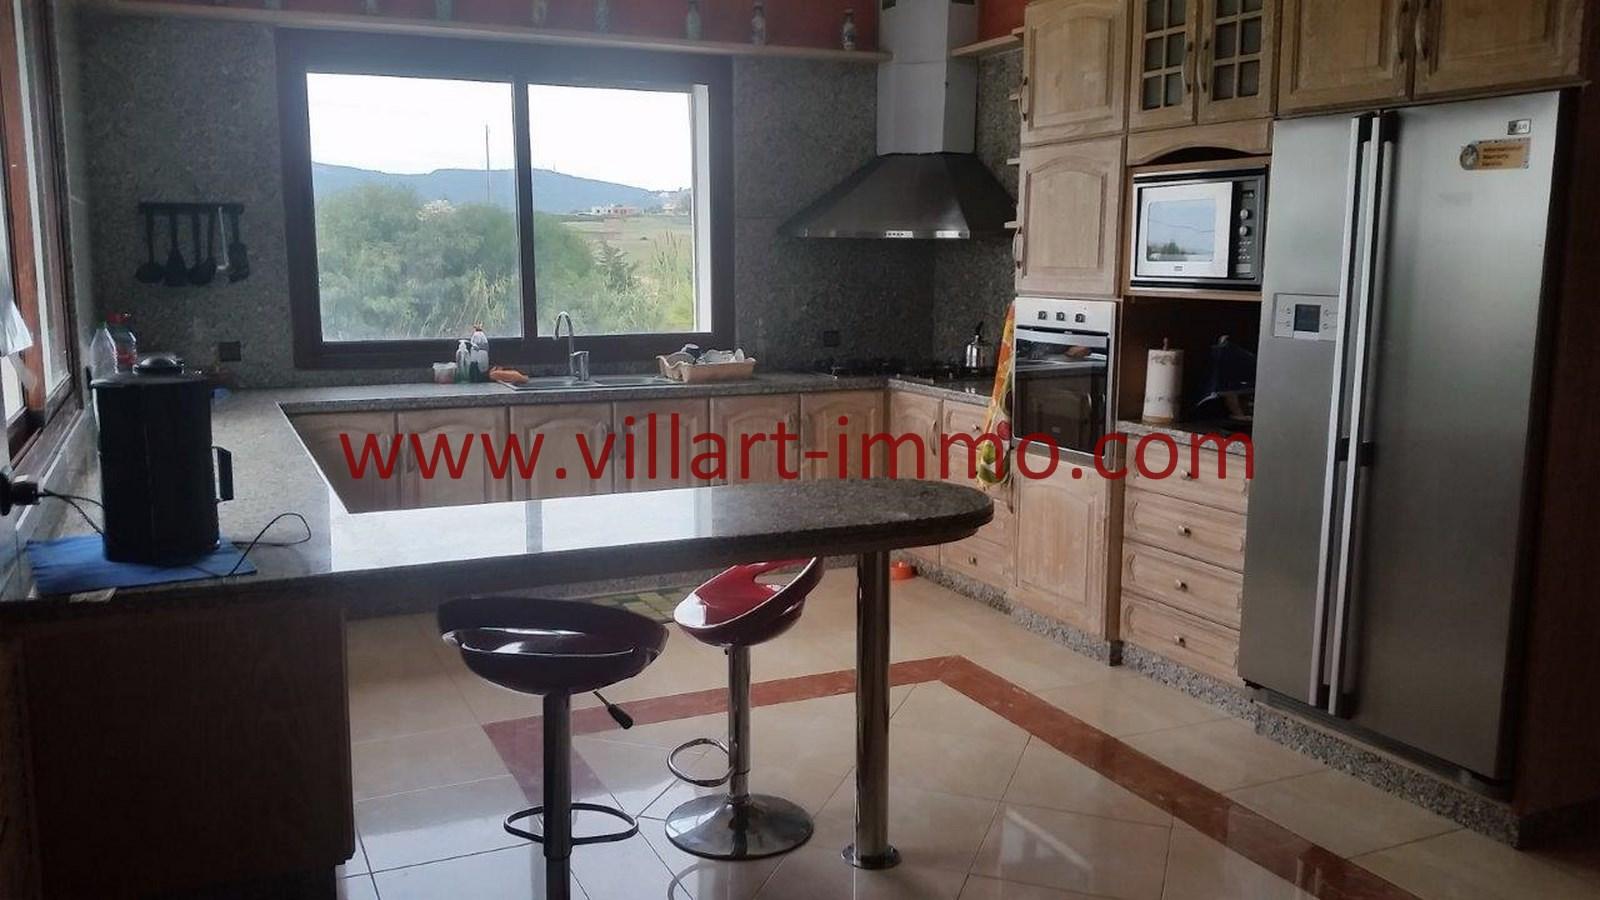 7-a-louer-villa-meublee-tanger-achakar-cuisine-lsat914-villart-immo